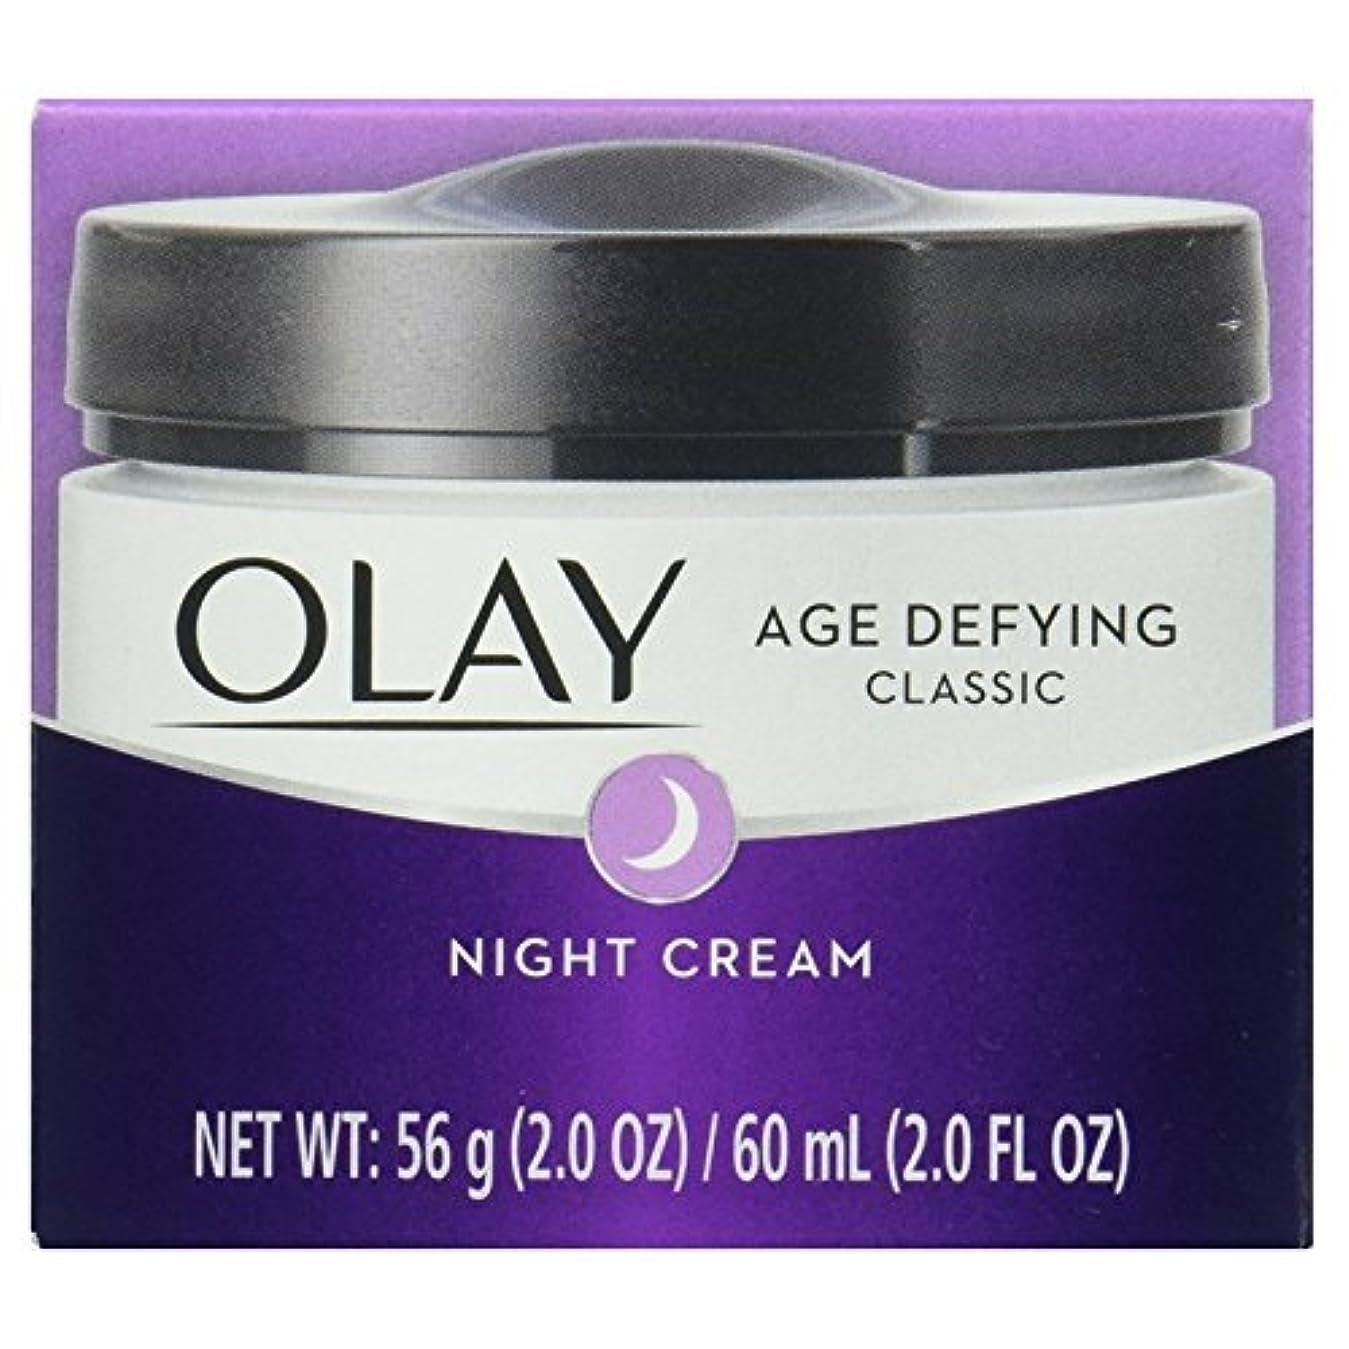 ロック解除スパーク黒Olay Age Defying intensive nourshing night cream (並行輸入品)